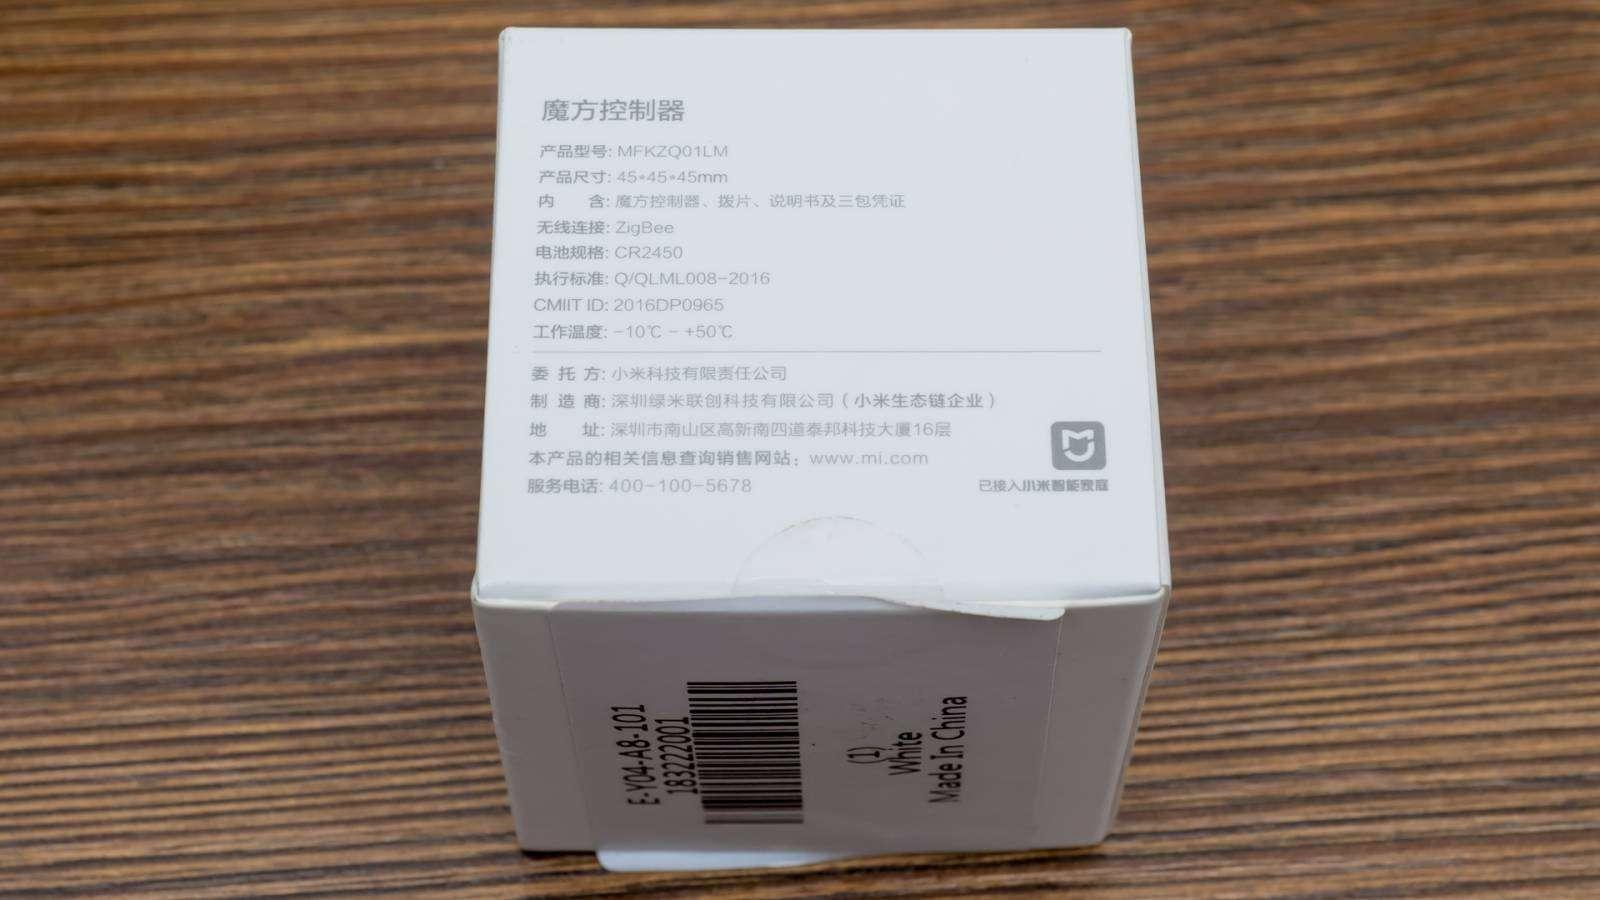 GearBest: Контролер управления умным домом Xiaomi Mi Magic Cube Controller - полный обзор, все возможности